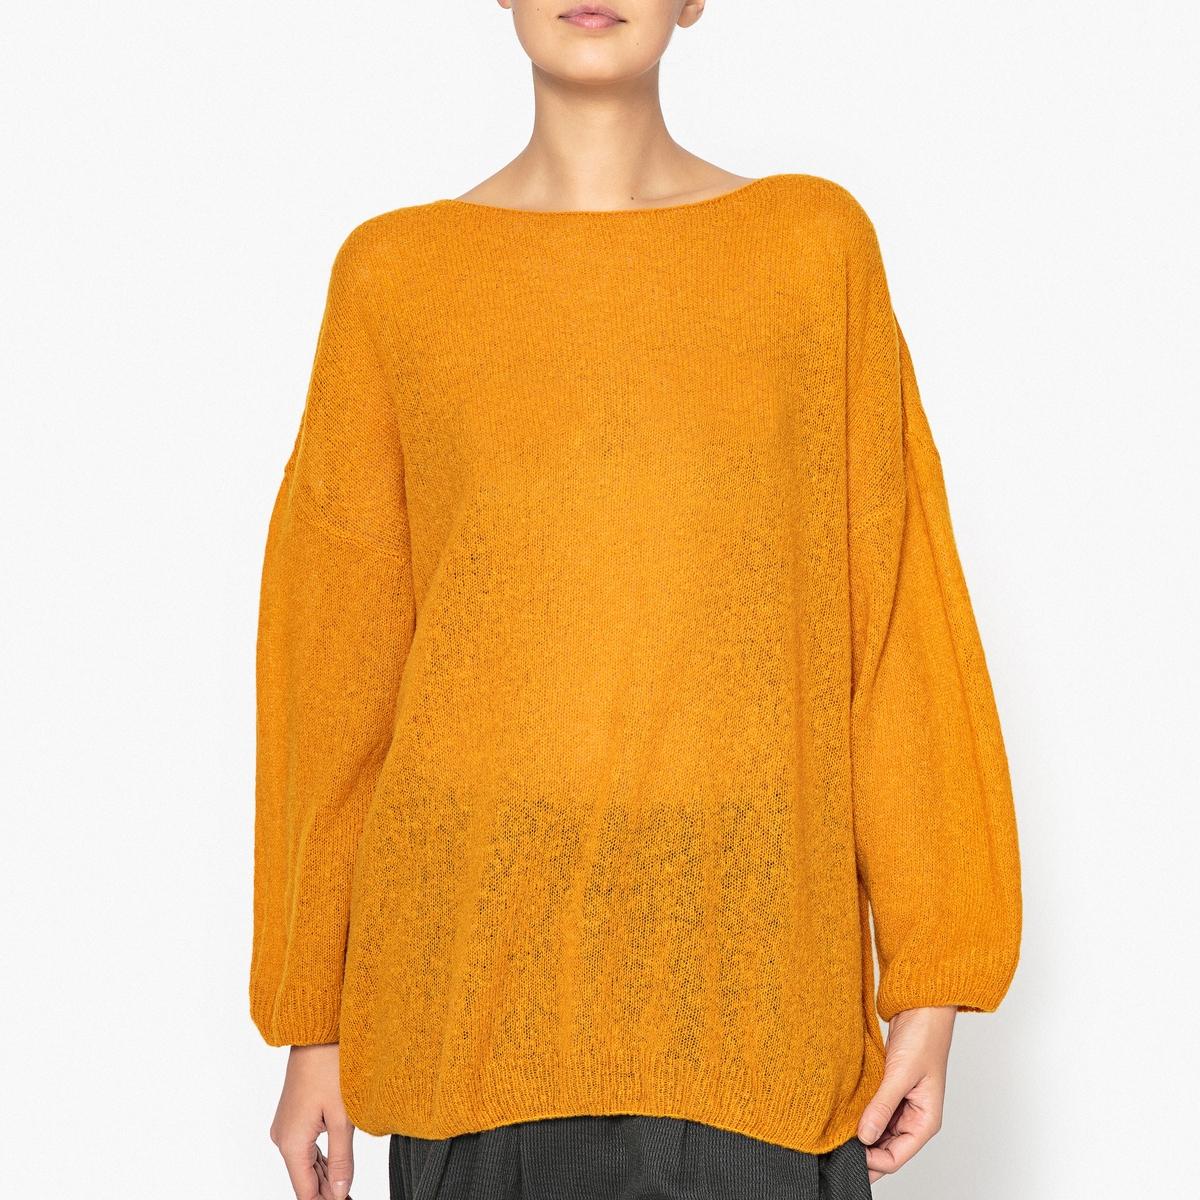 Пуловер с воротником-лодочкой, из шерсти и альпаки LULUBAY